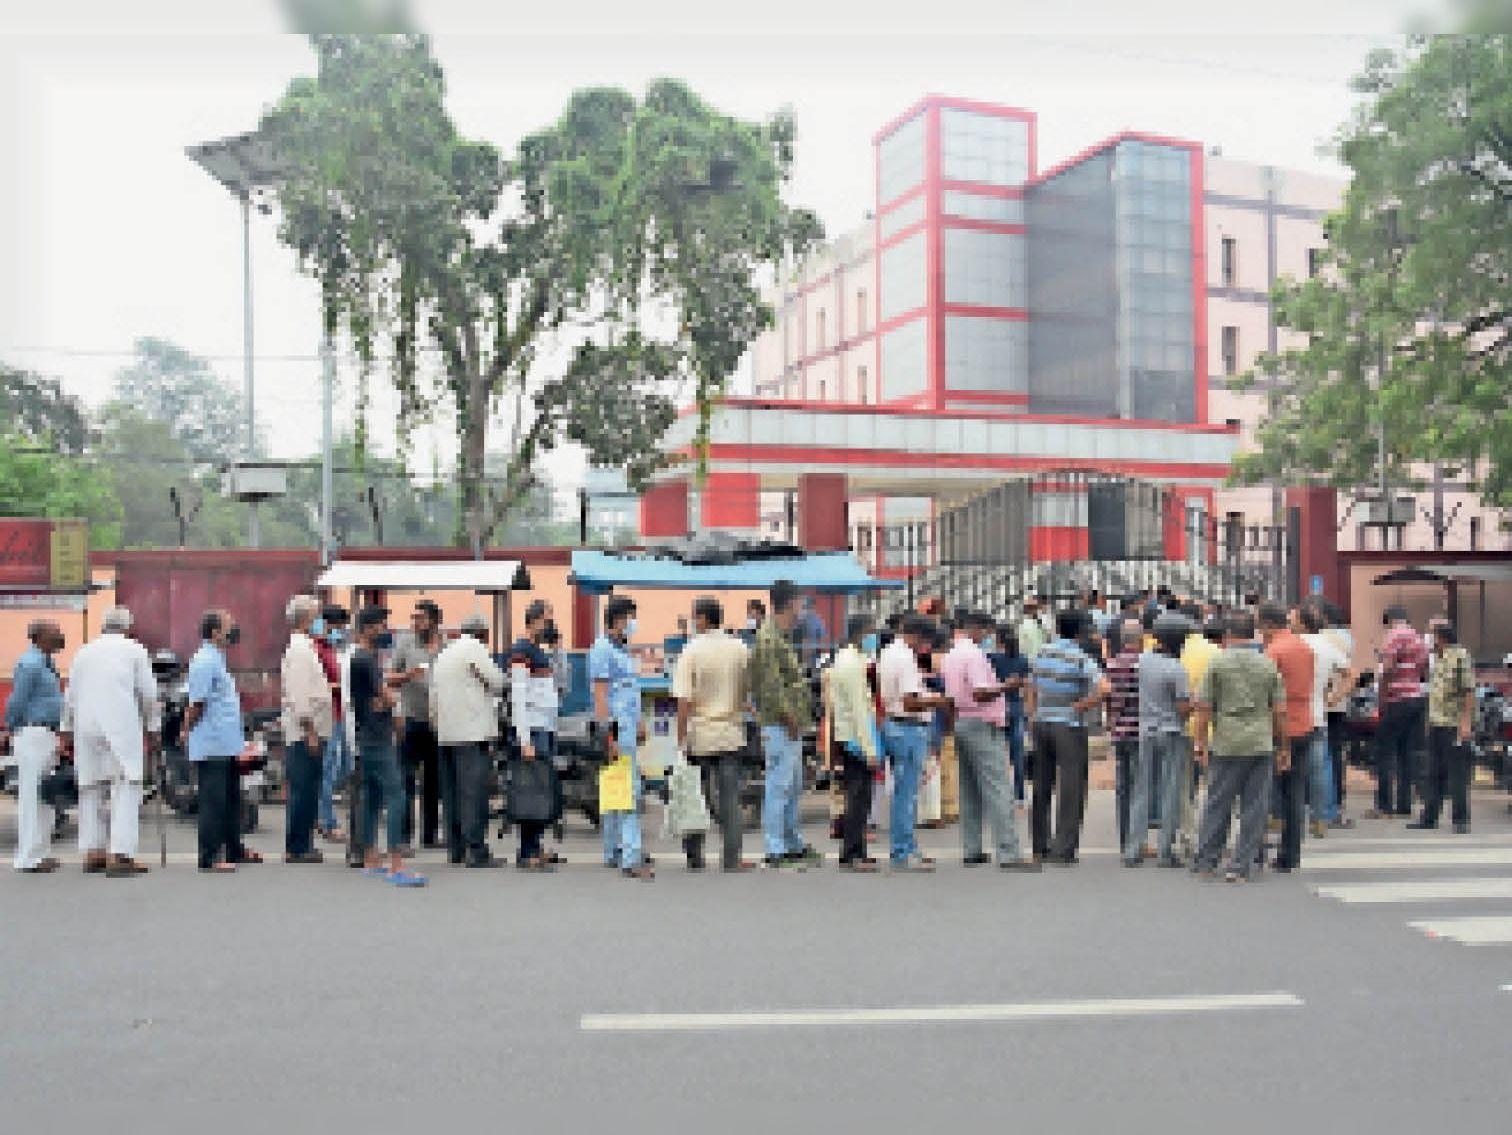 आईआईटी शॉपिंग काॅम्प्लेक्स का गेट खुलने के पहले ही टीका लेने के लिए लाेगों की भीड़ जुट गई। - Dainik Bhaskar